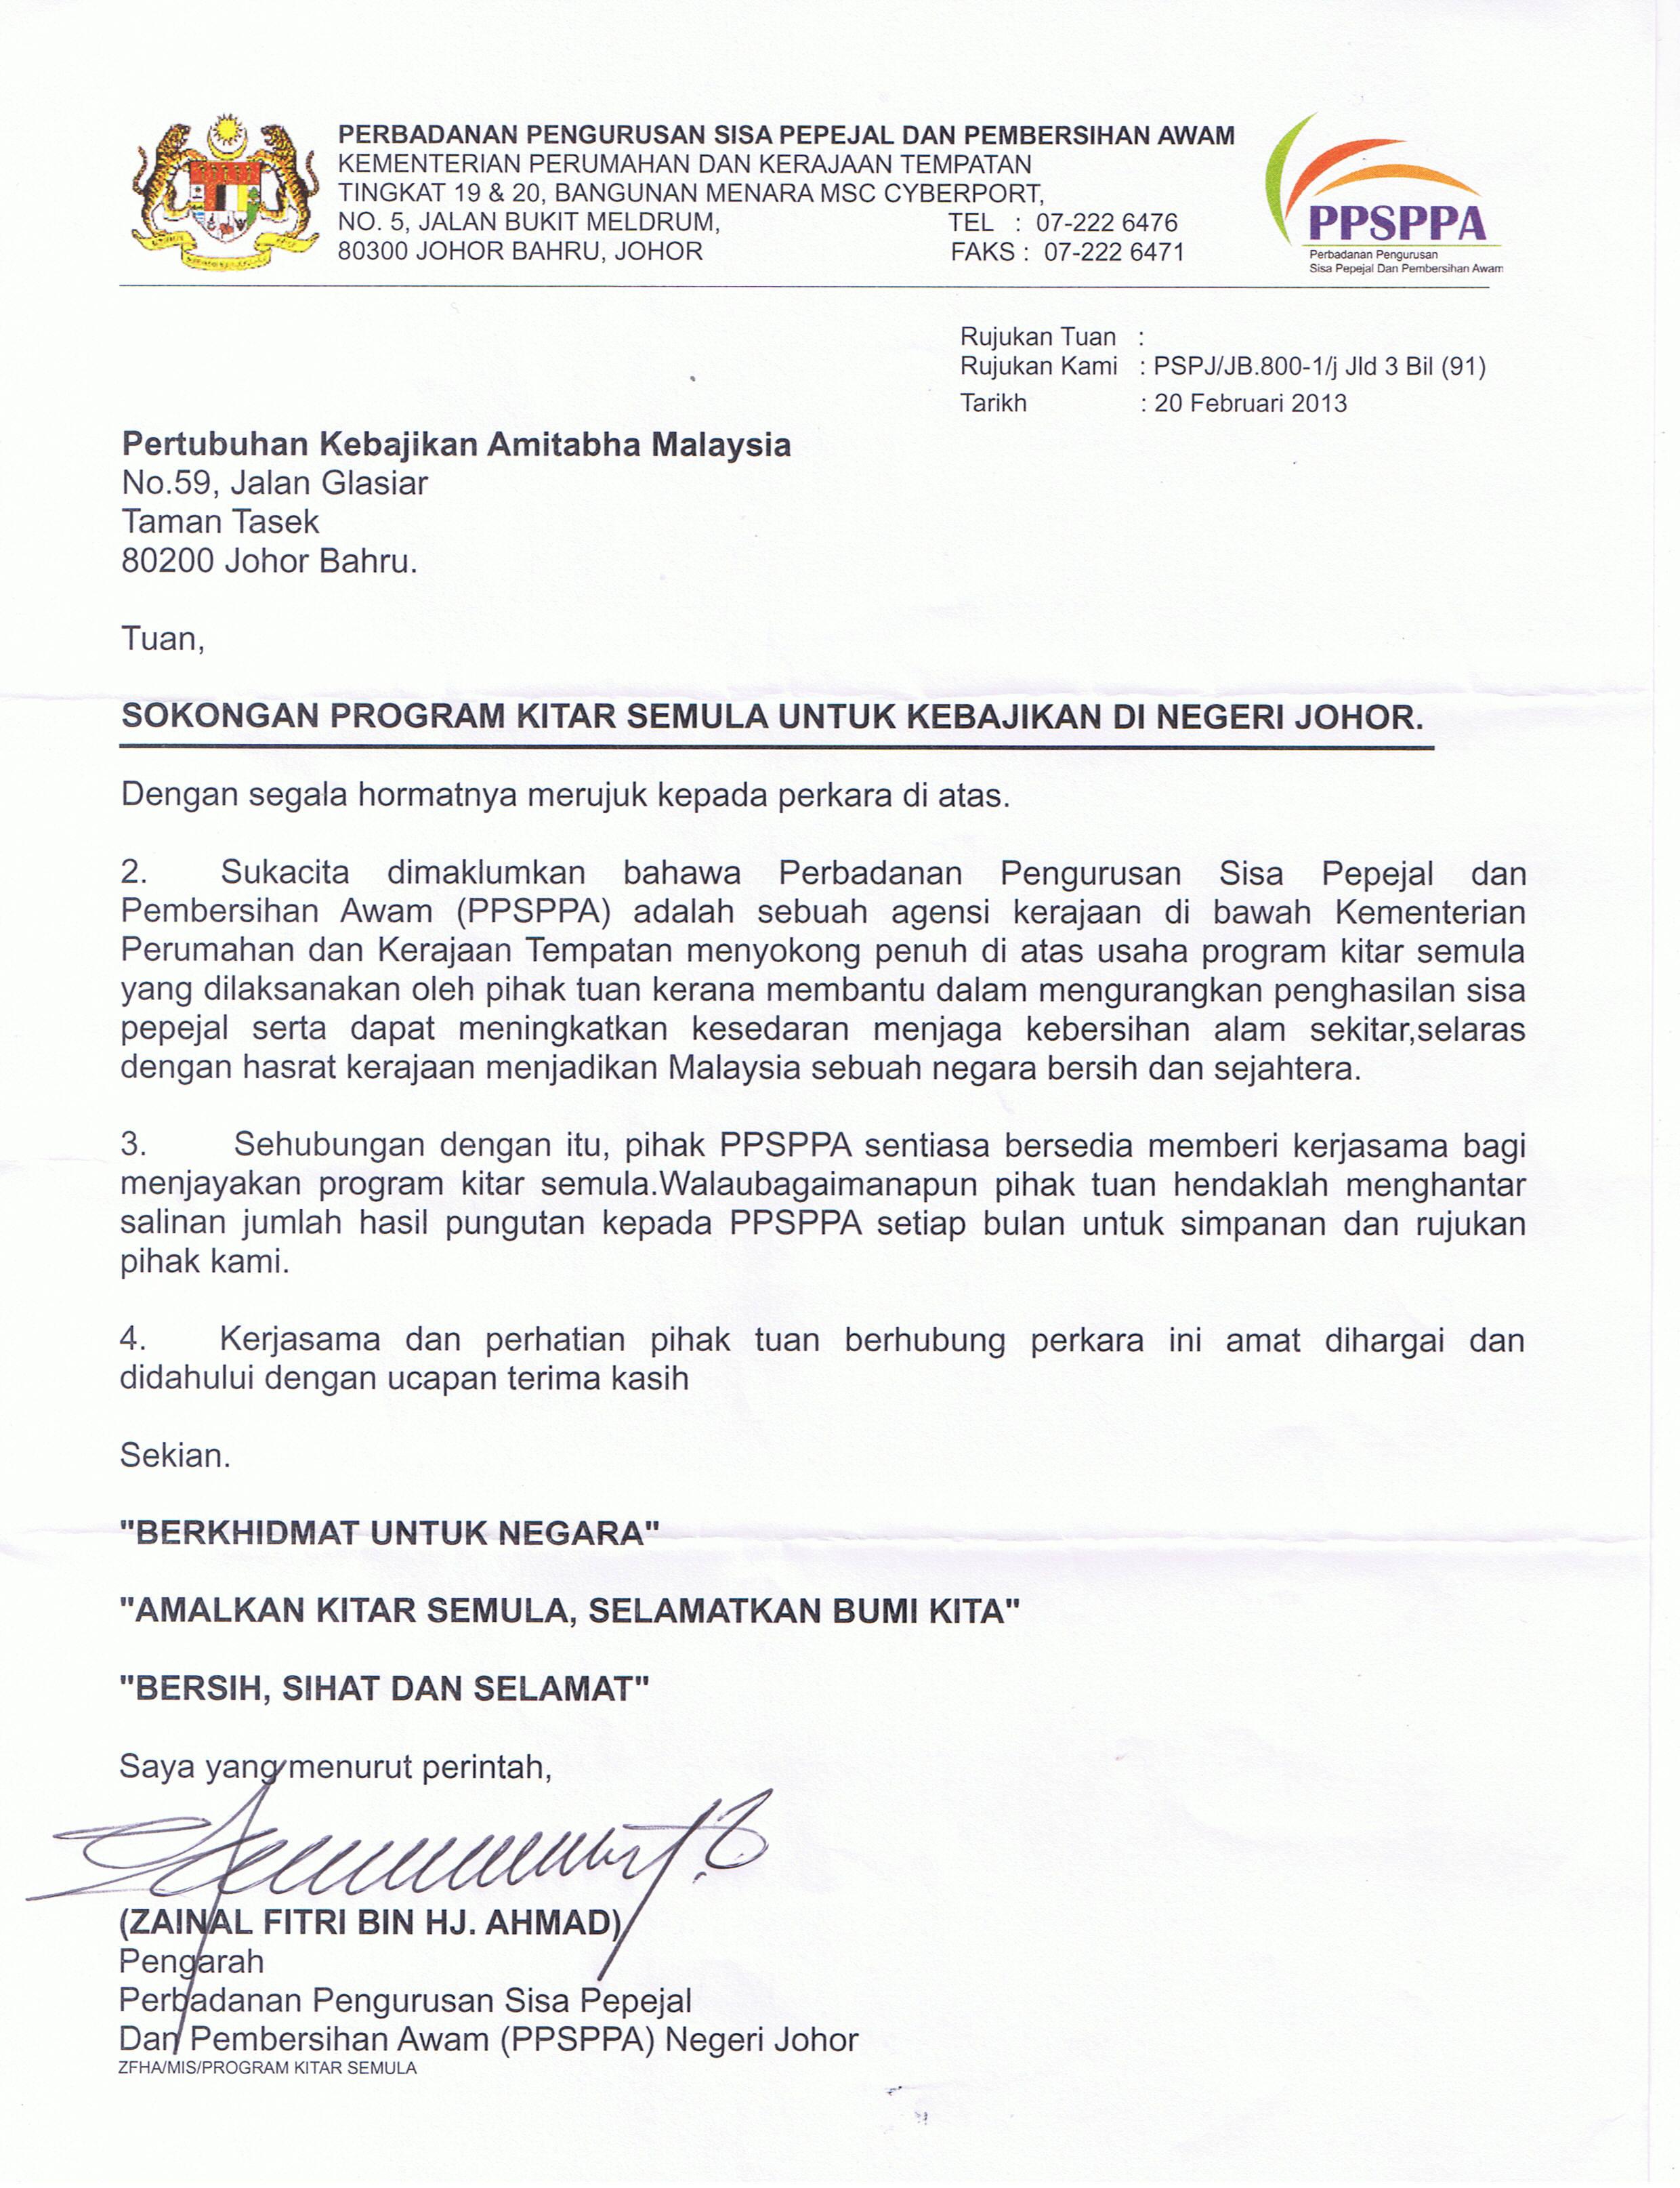 Ppsppa Surat Sokongan Amitabha Malaysia